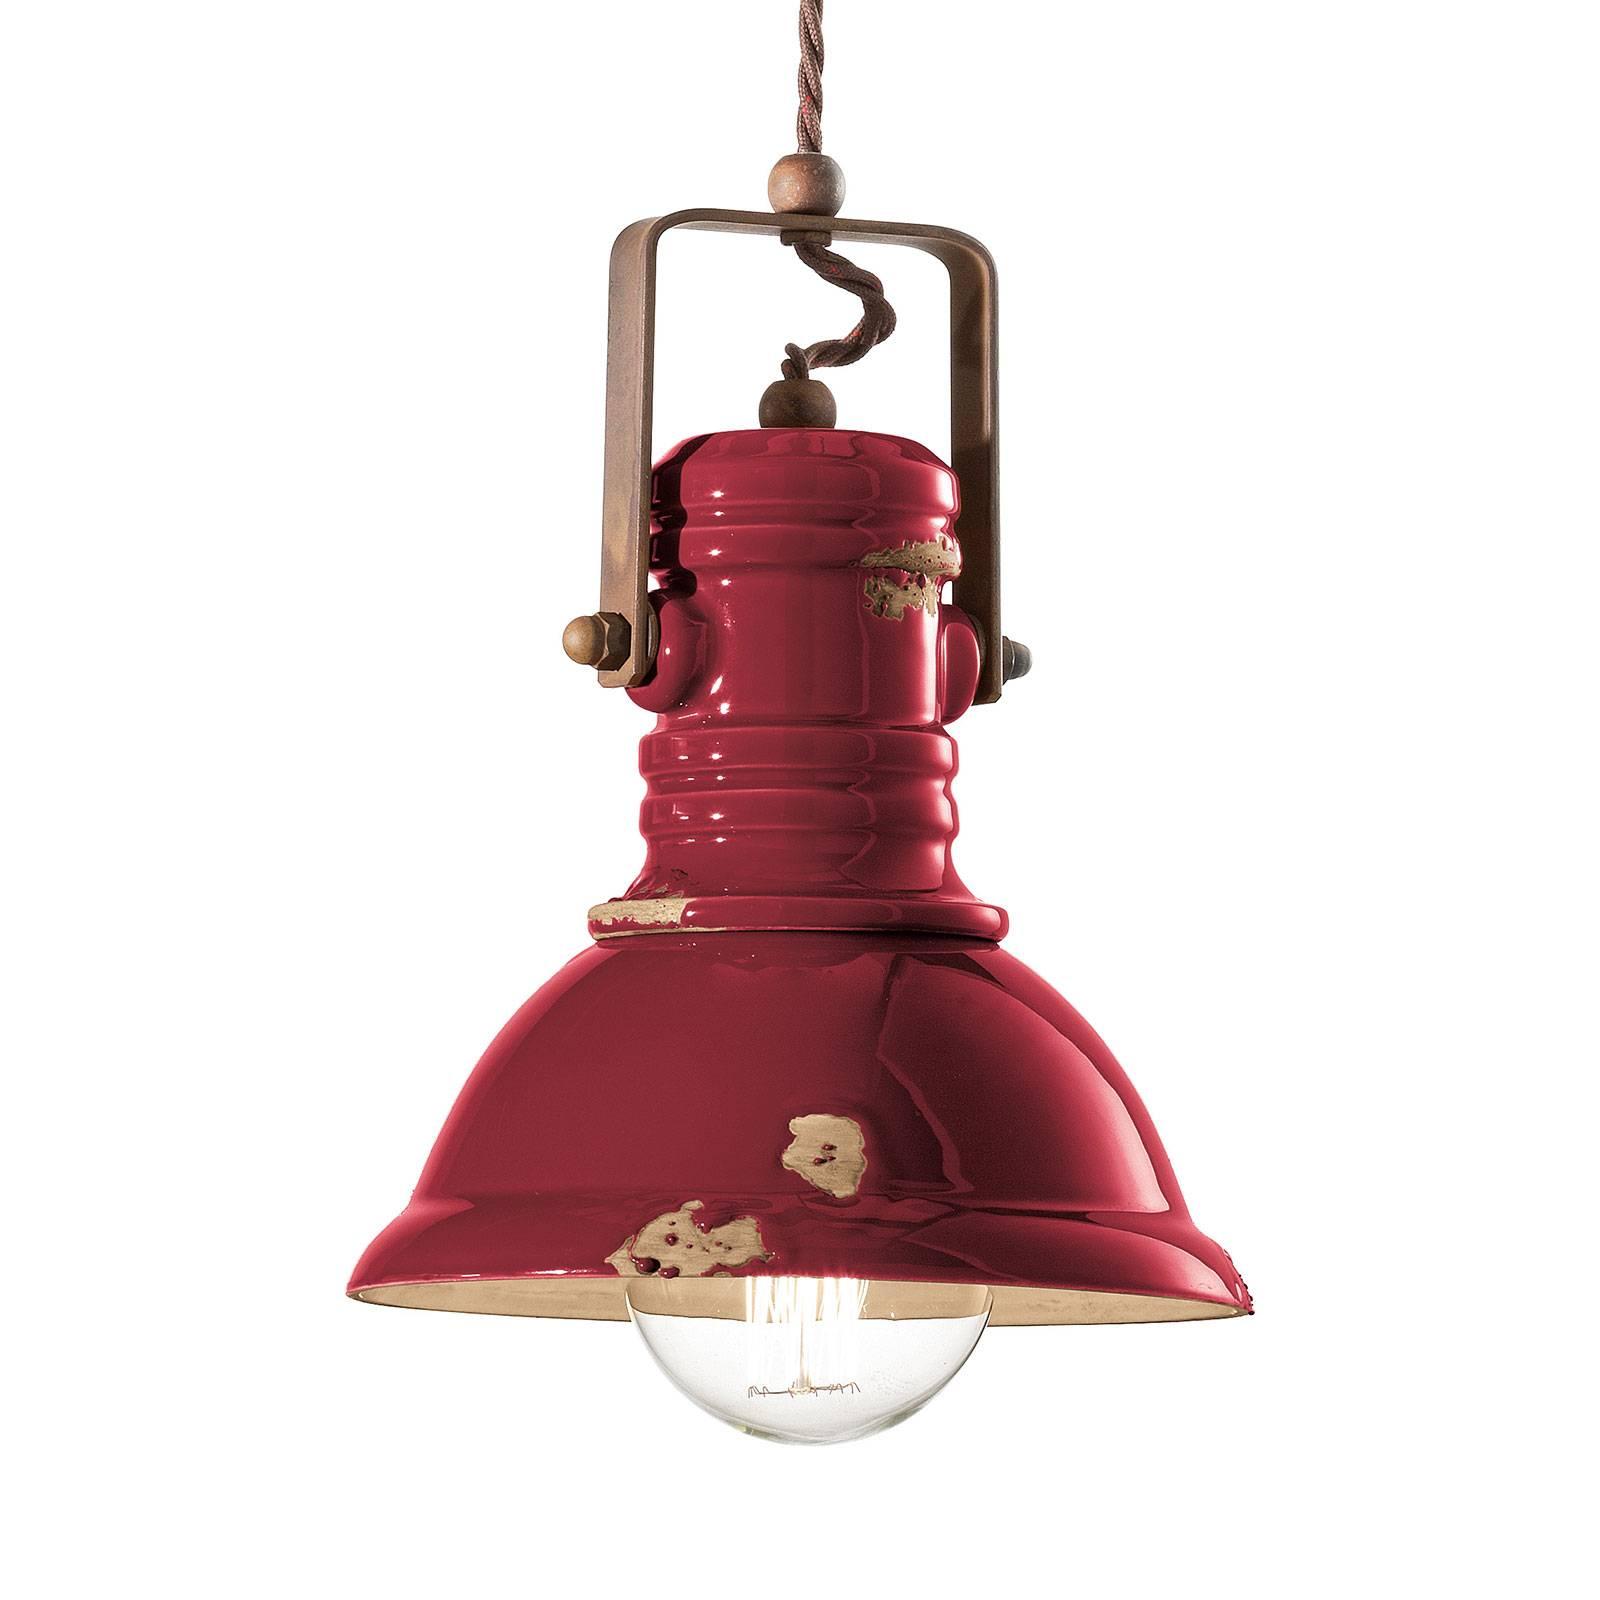 Riippuvalo C1691 industriaalista tyyliä, punainen